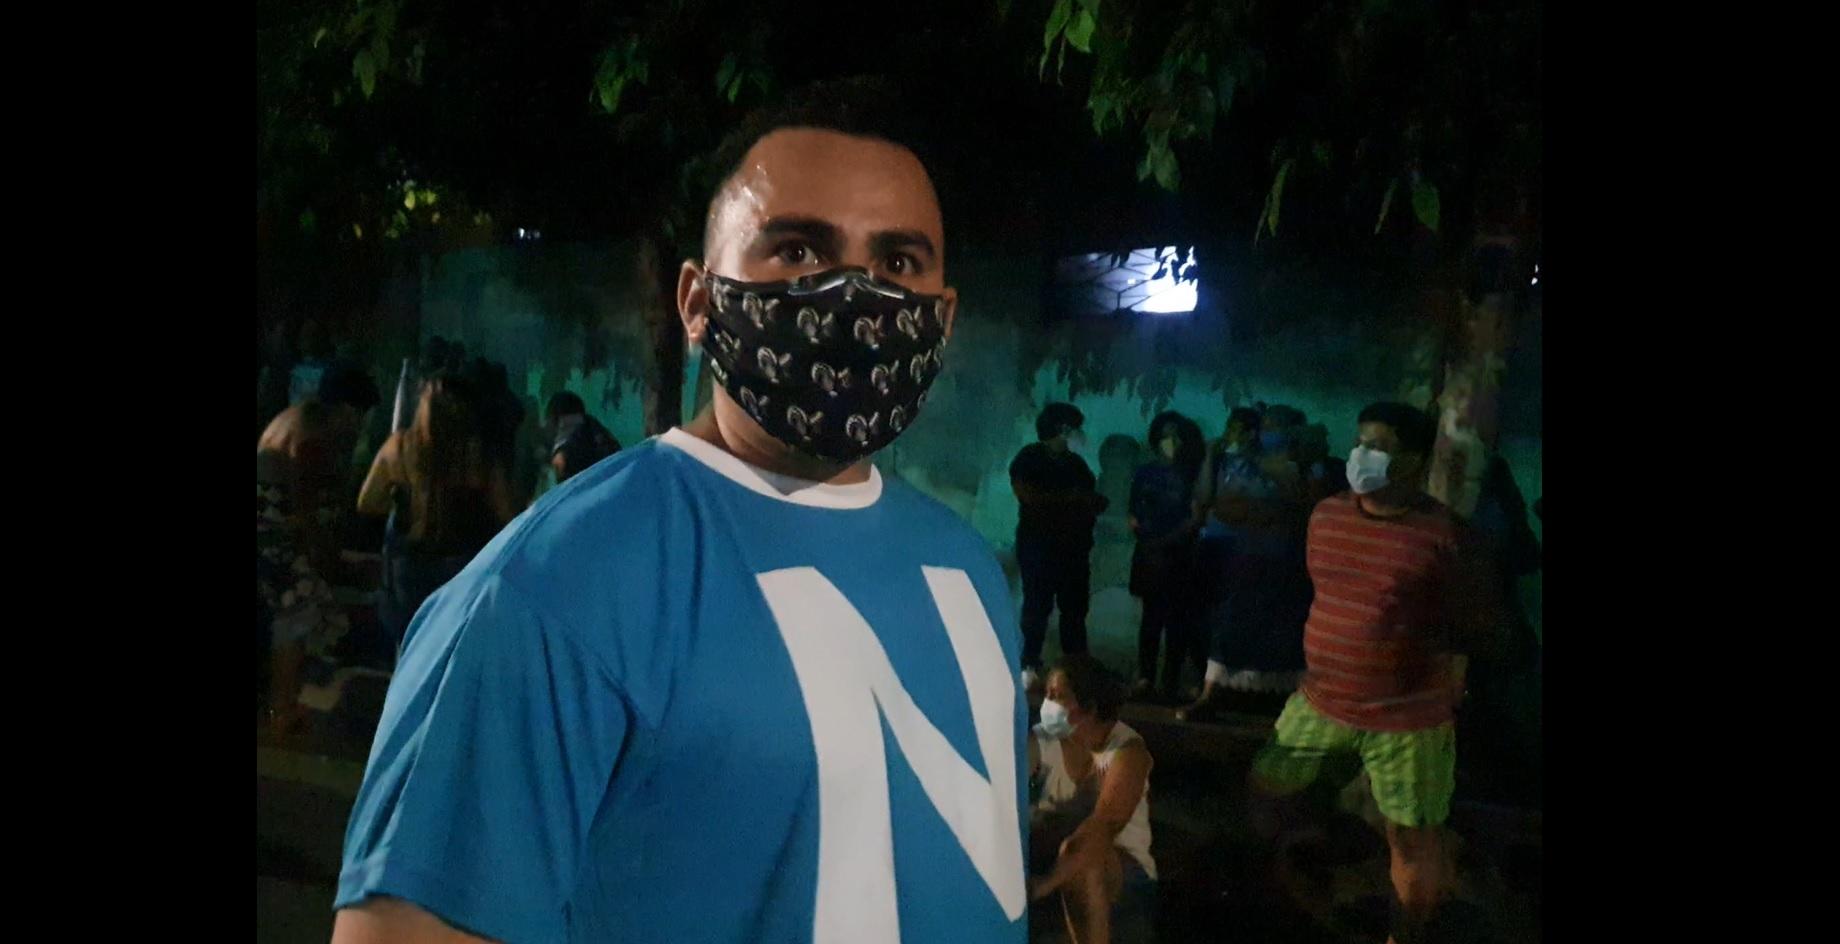 Simpatizantes de Nuevas Ideas amenazaron a periodista de Factum